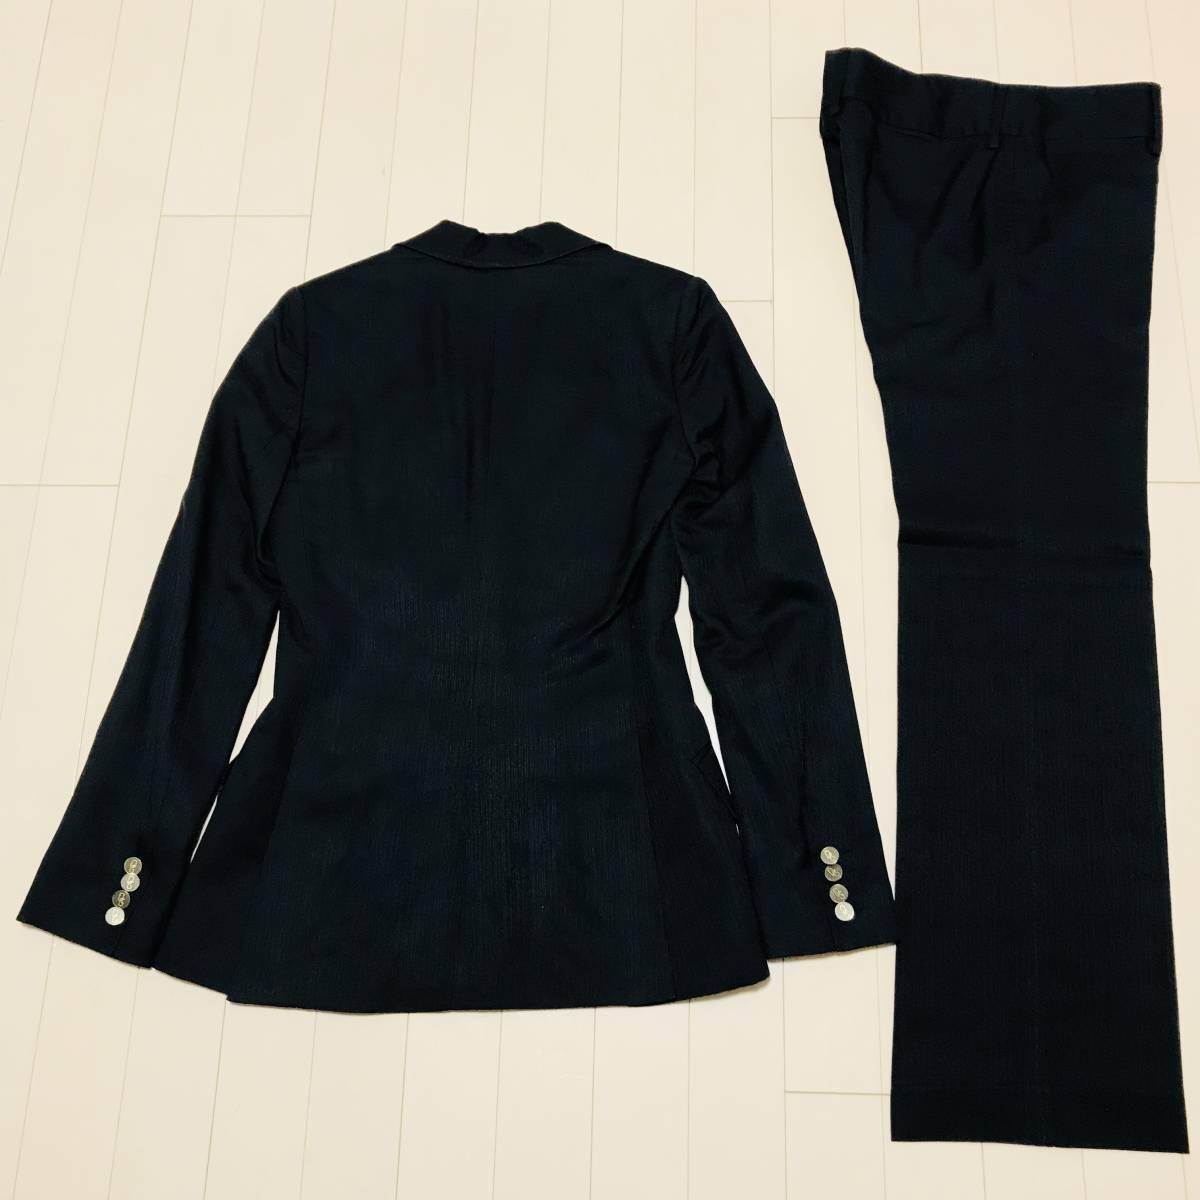 本物 DOLCE&GABBANA ドルチェ&ガッバーナ 2B ピークド DGボタン パンツスーツ ブラック 黒 ドルガバ_画像3